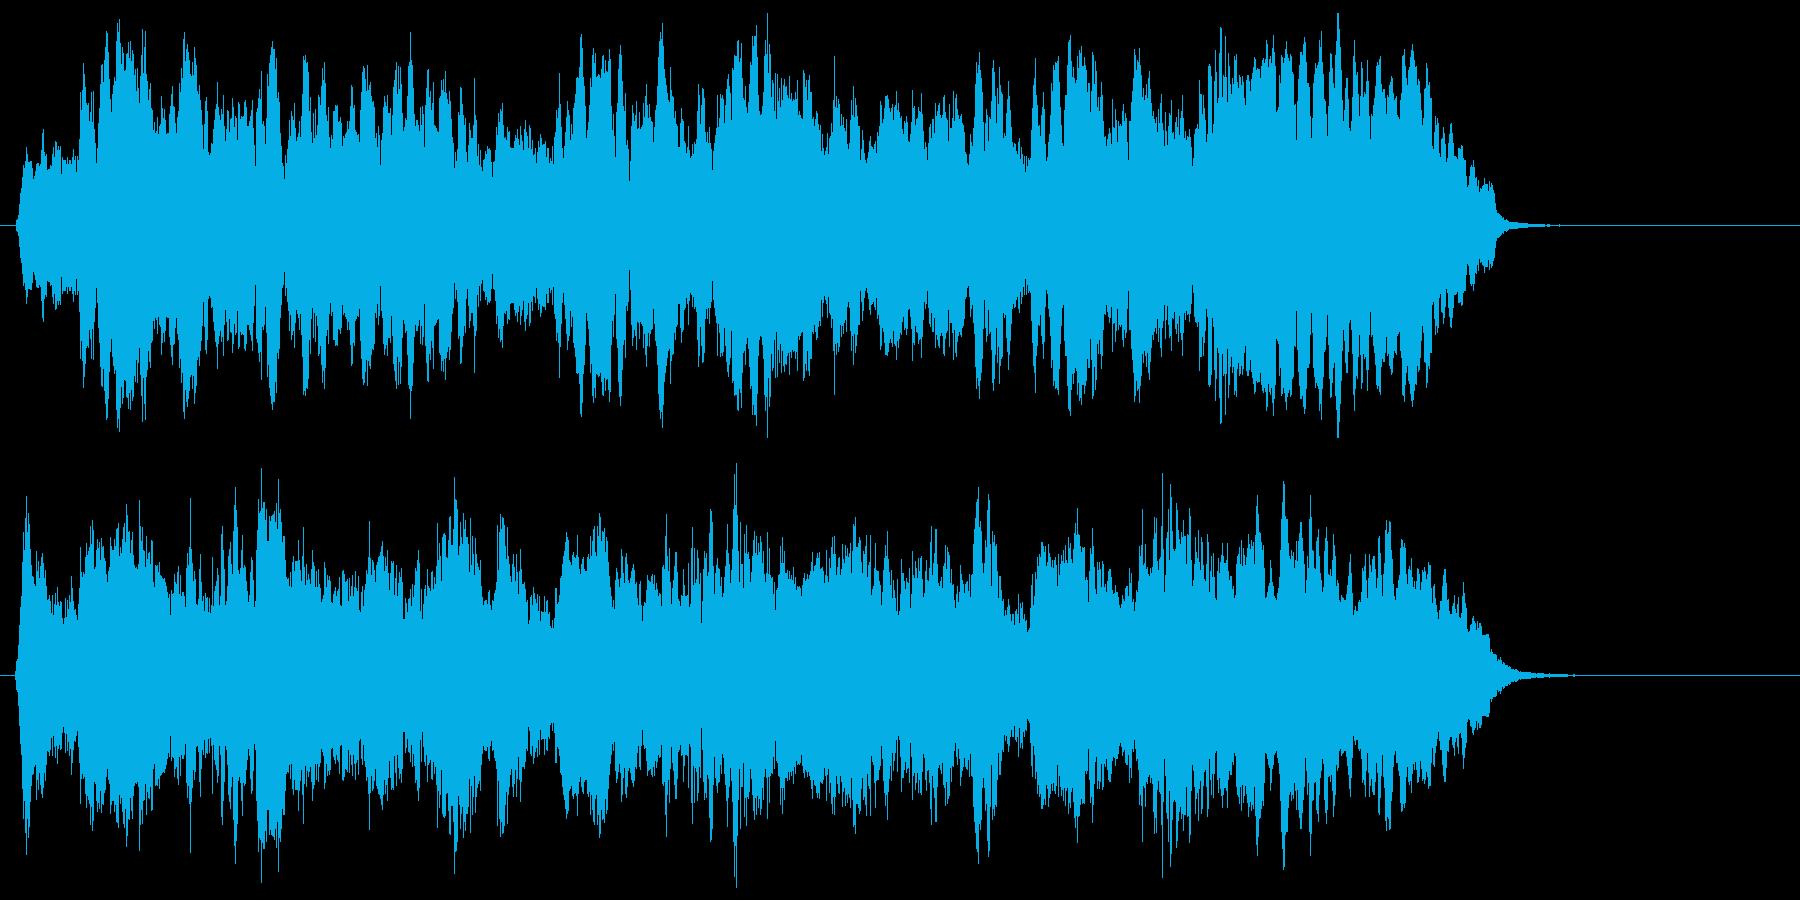 悠長で緩やかなリラクゼーションジングルの再生済みの波形